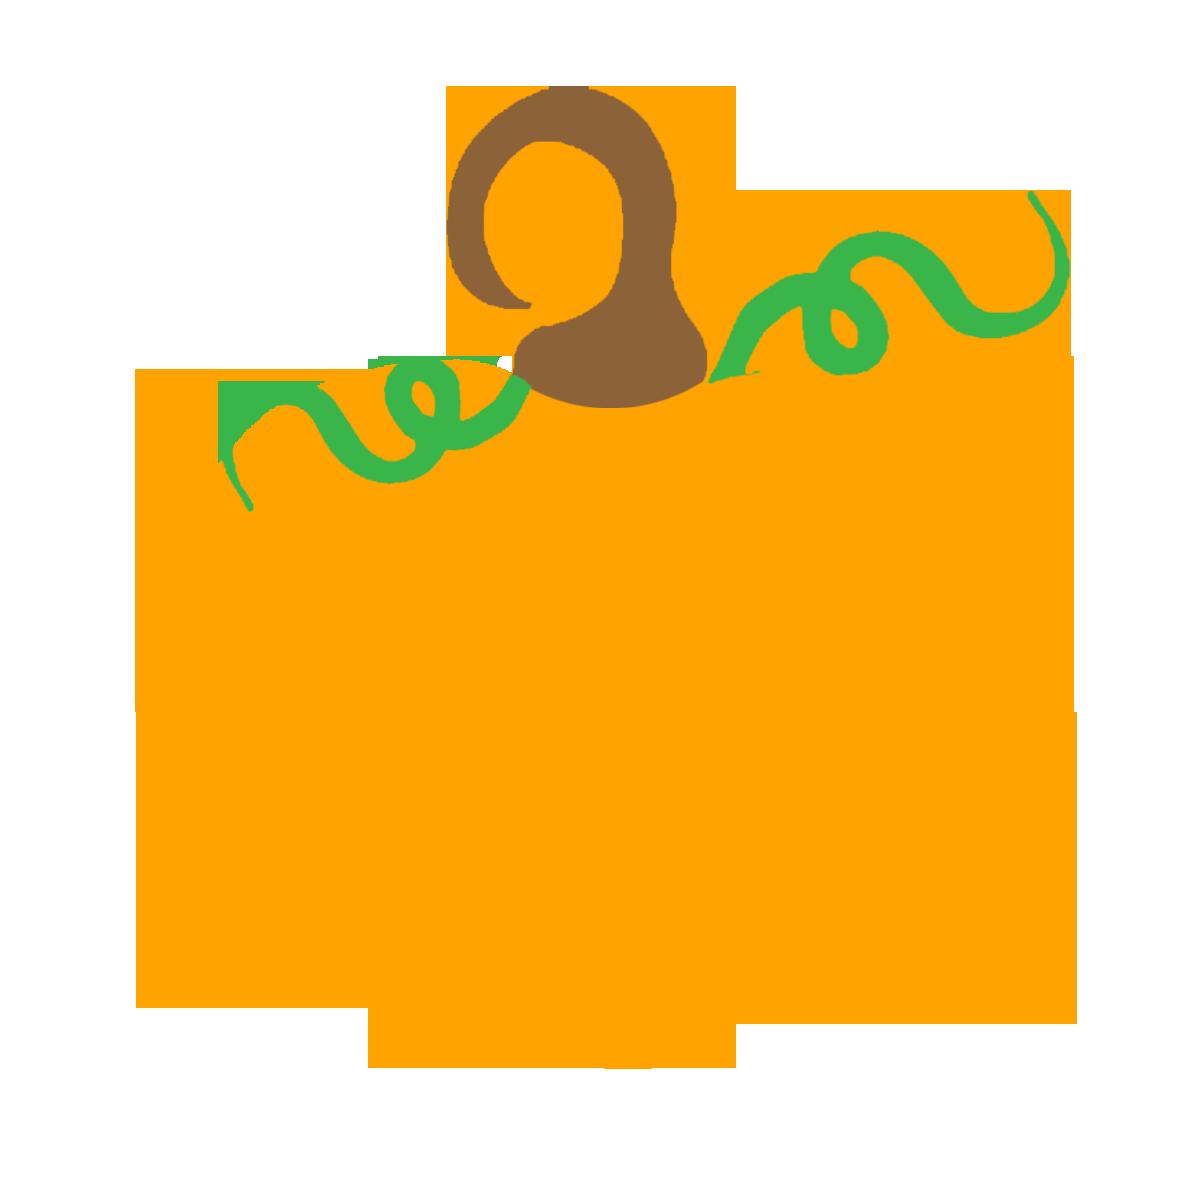 1200x1200 Pumpkins Halloween Pumpkin Clip Art Free Clipart Images